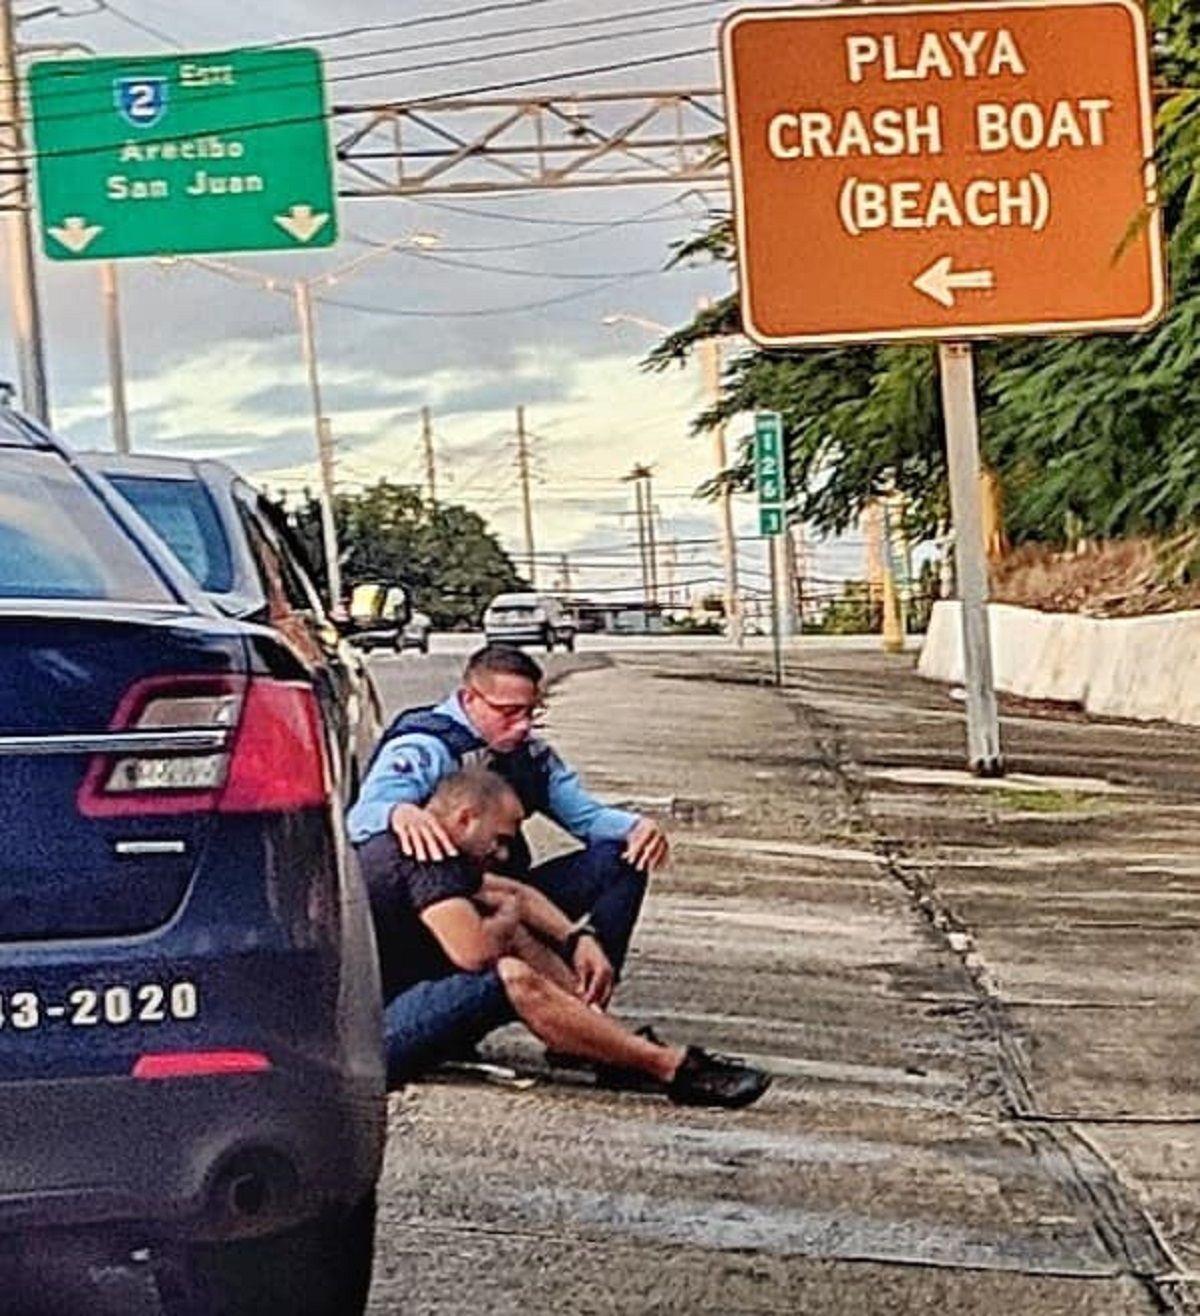 El gesto solidario de un policía iba a hacer una multa - Crédito:Gustavo A. Laabes González